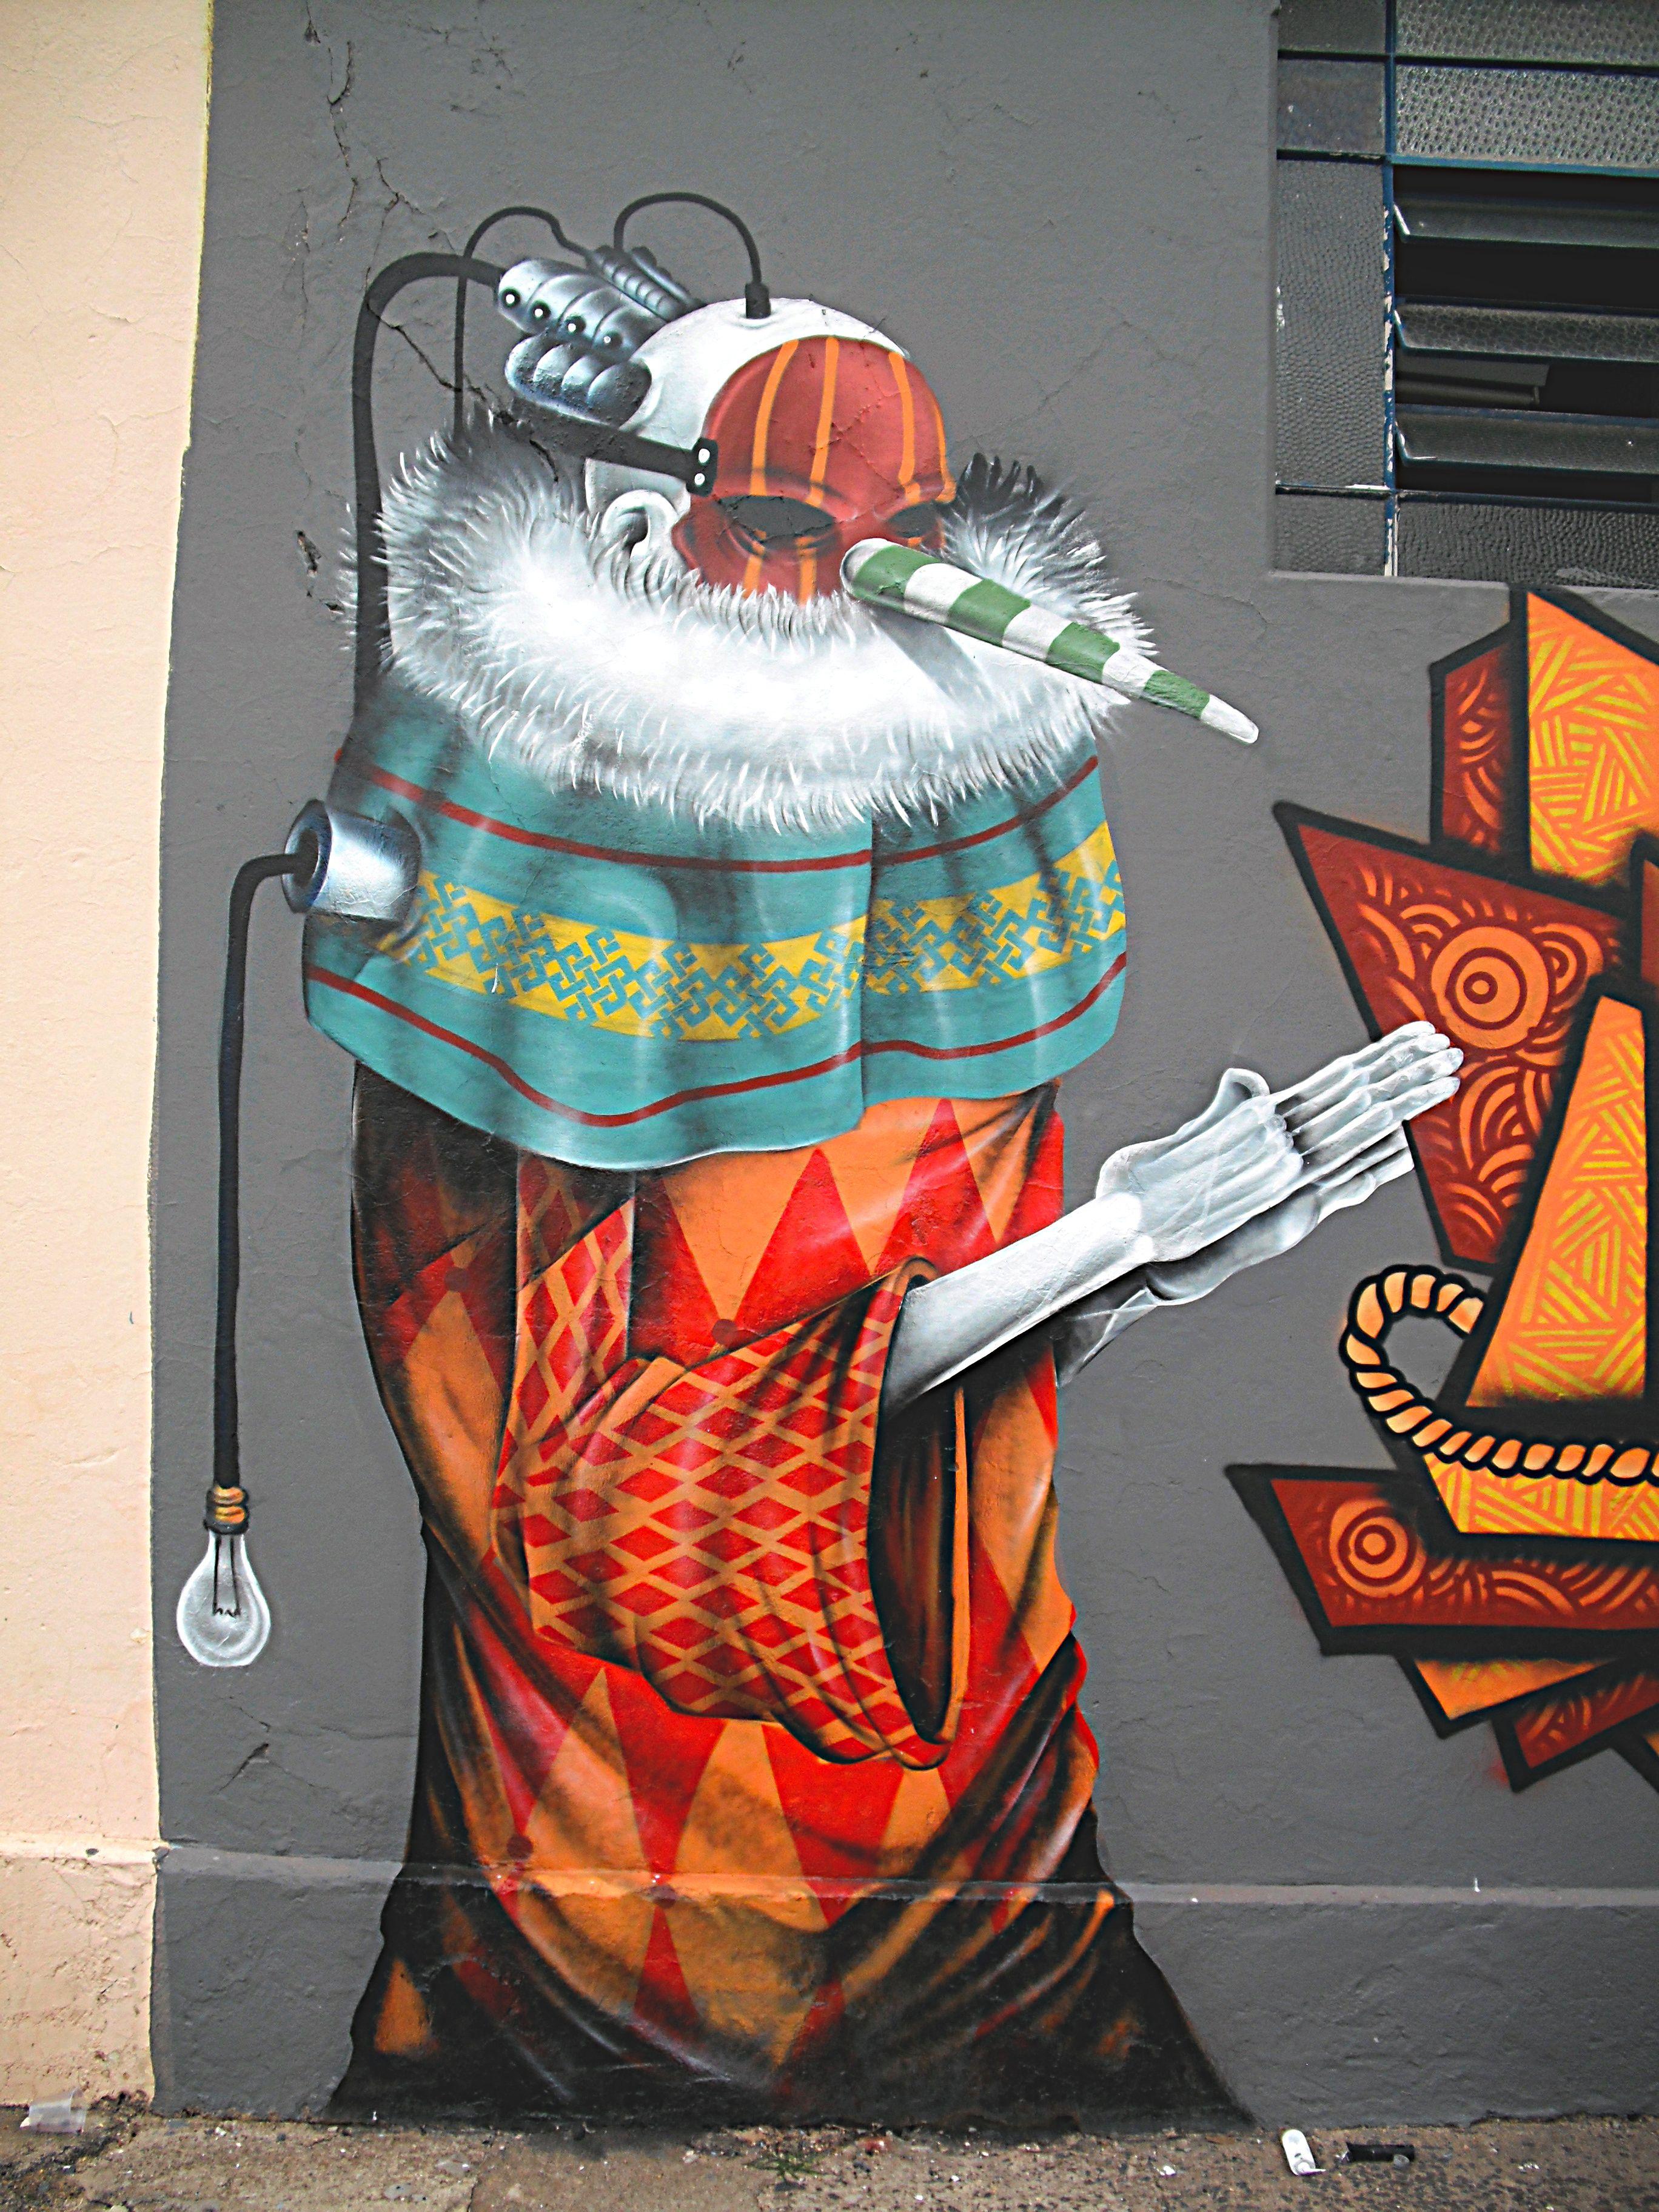 Artist Will Ferreira